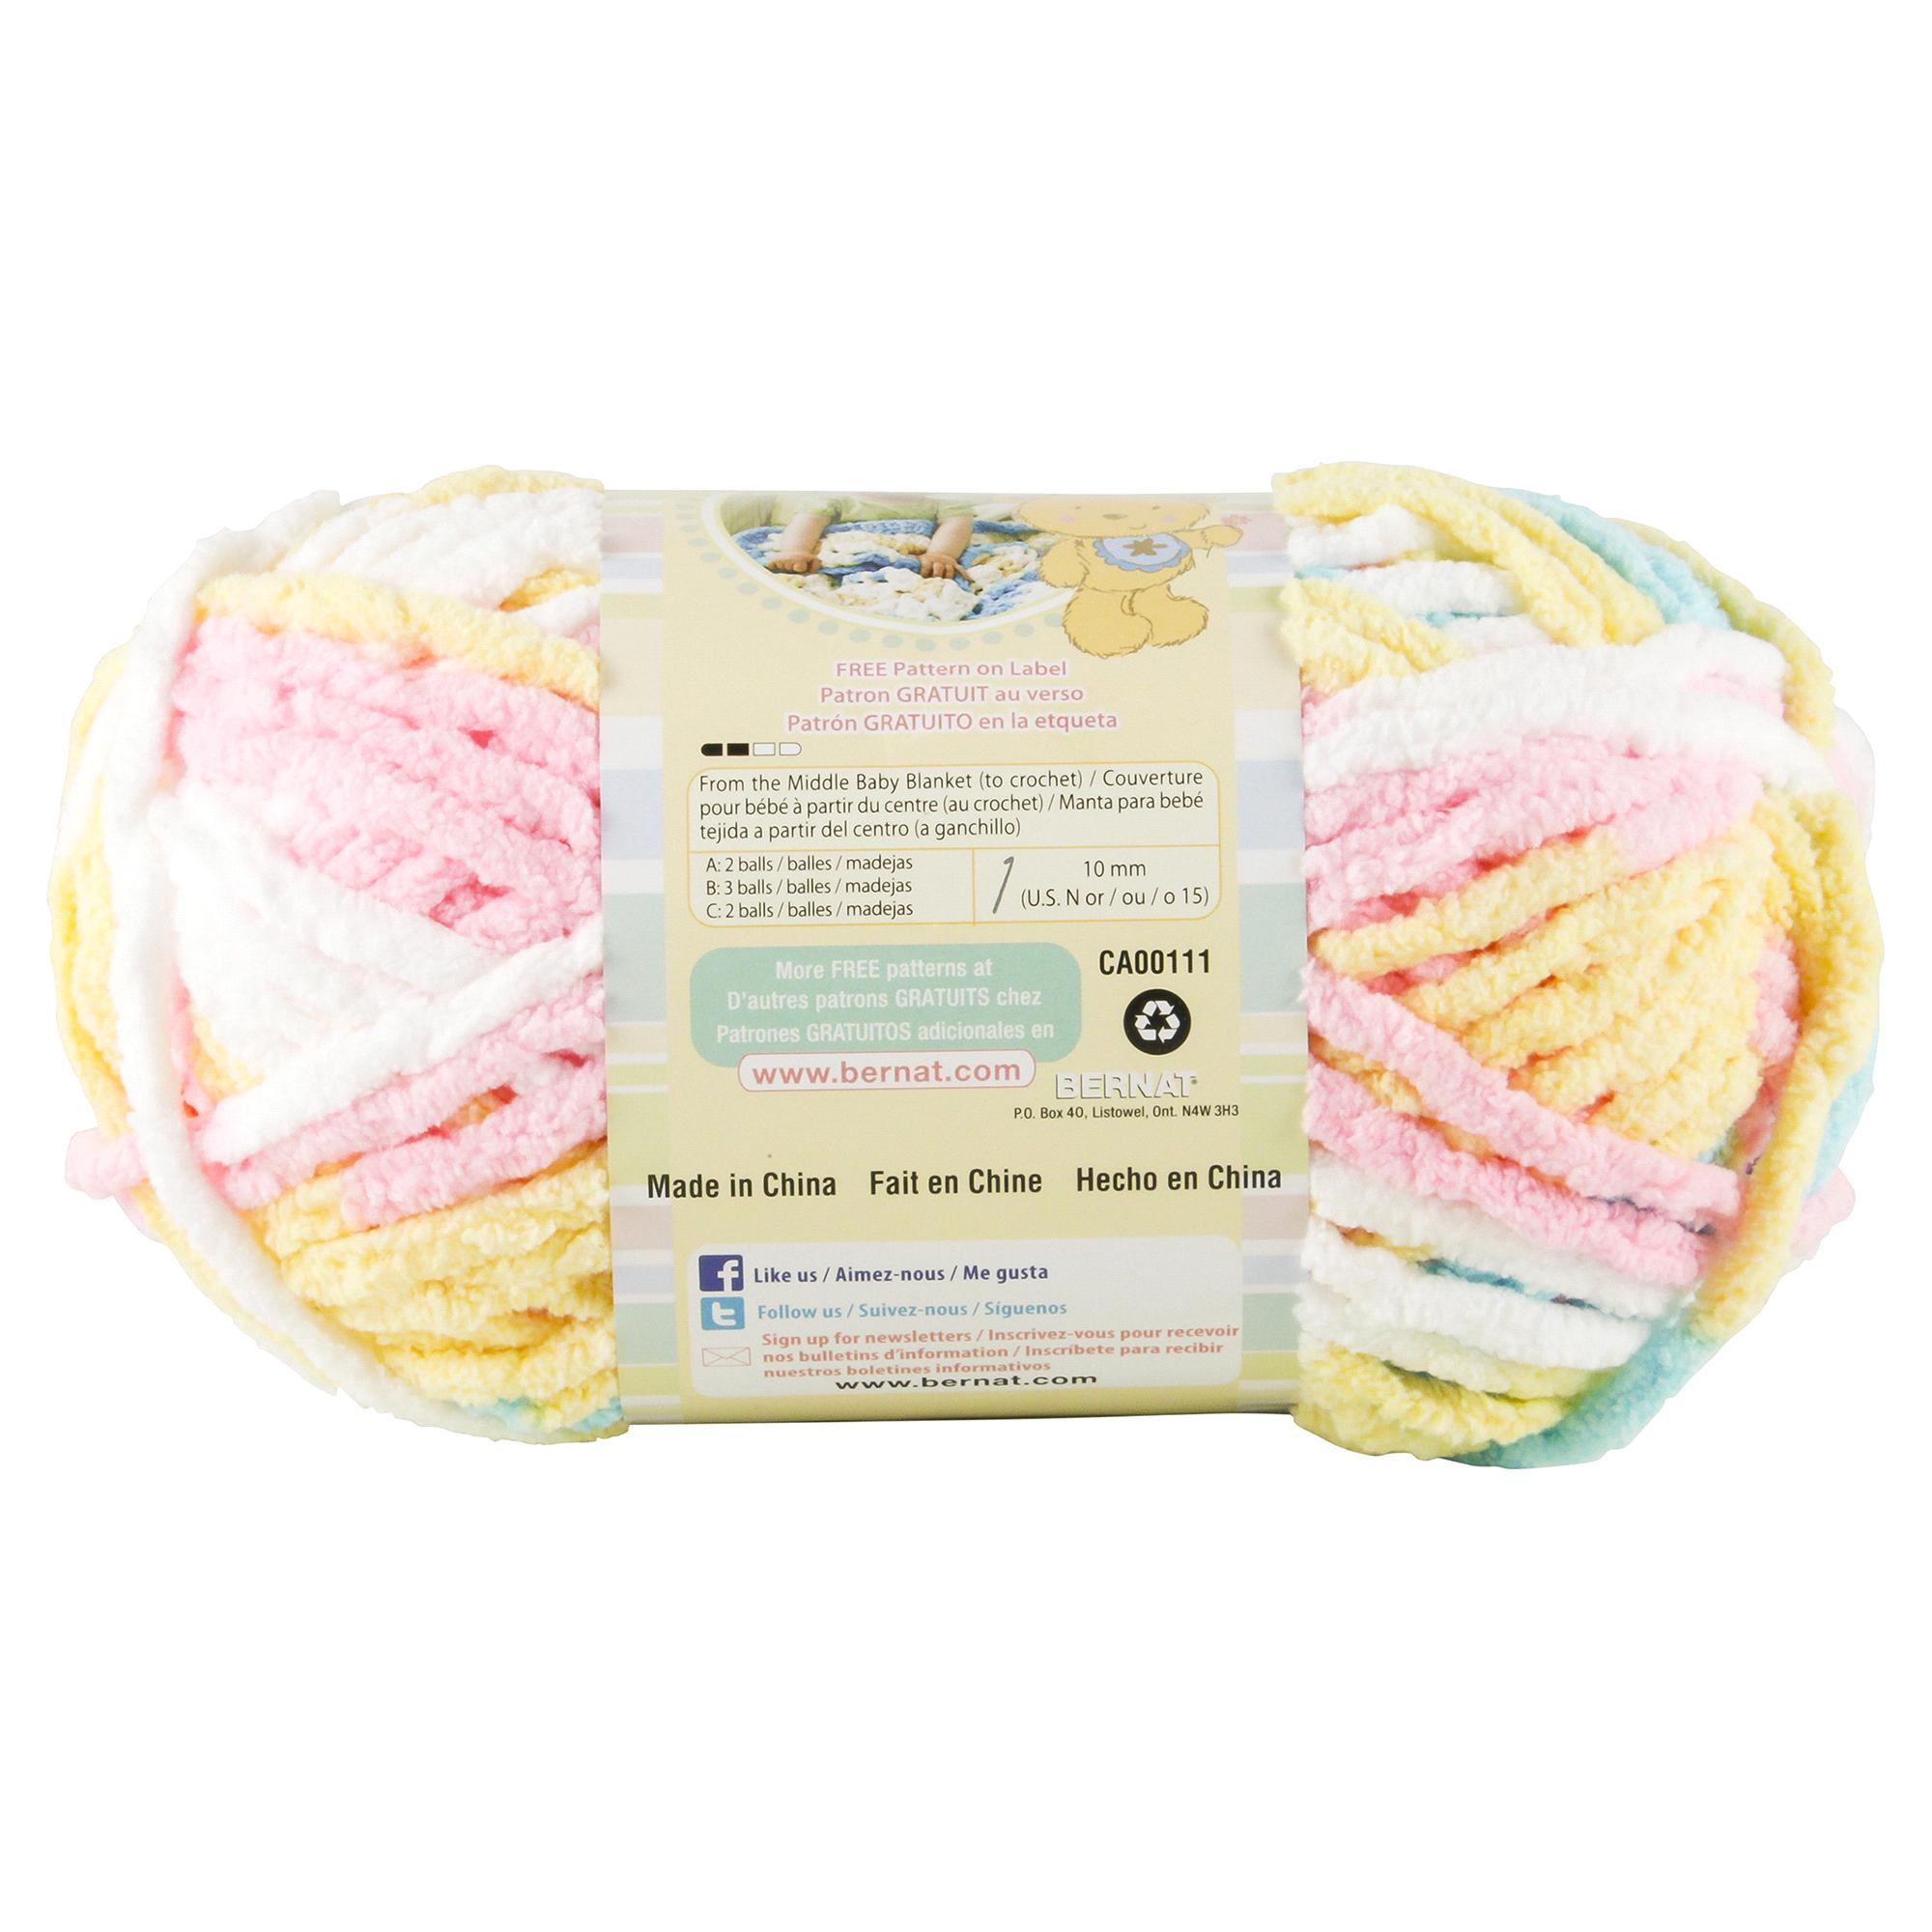 Lujo Los Patrones De Crochet Libre Para Hilo De Manta De Bebé Bernat ...